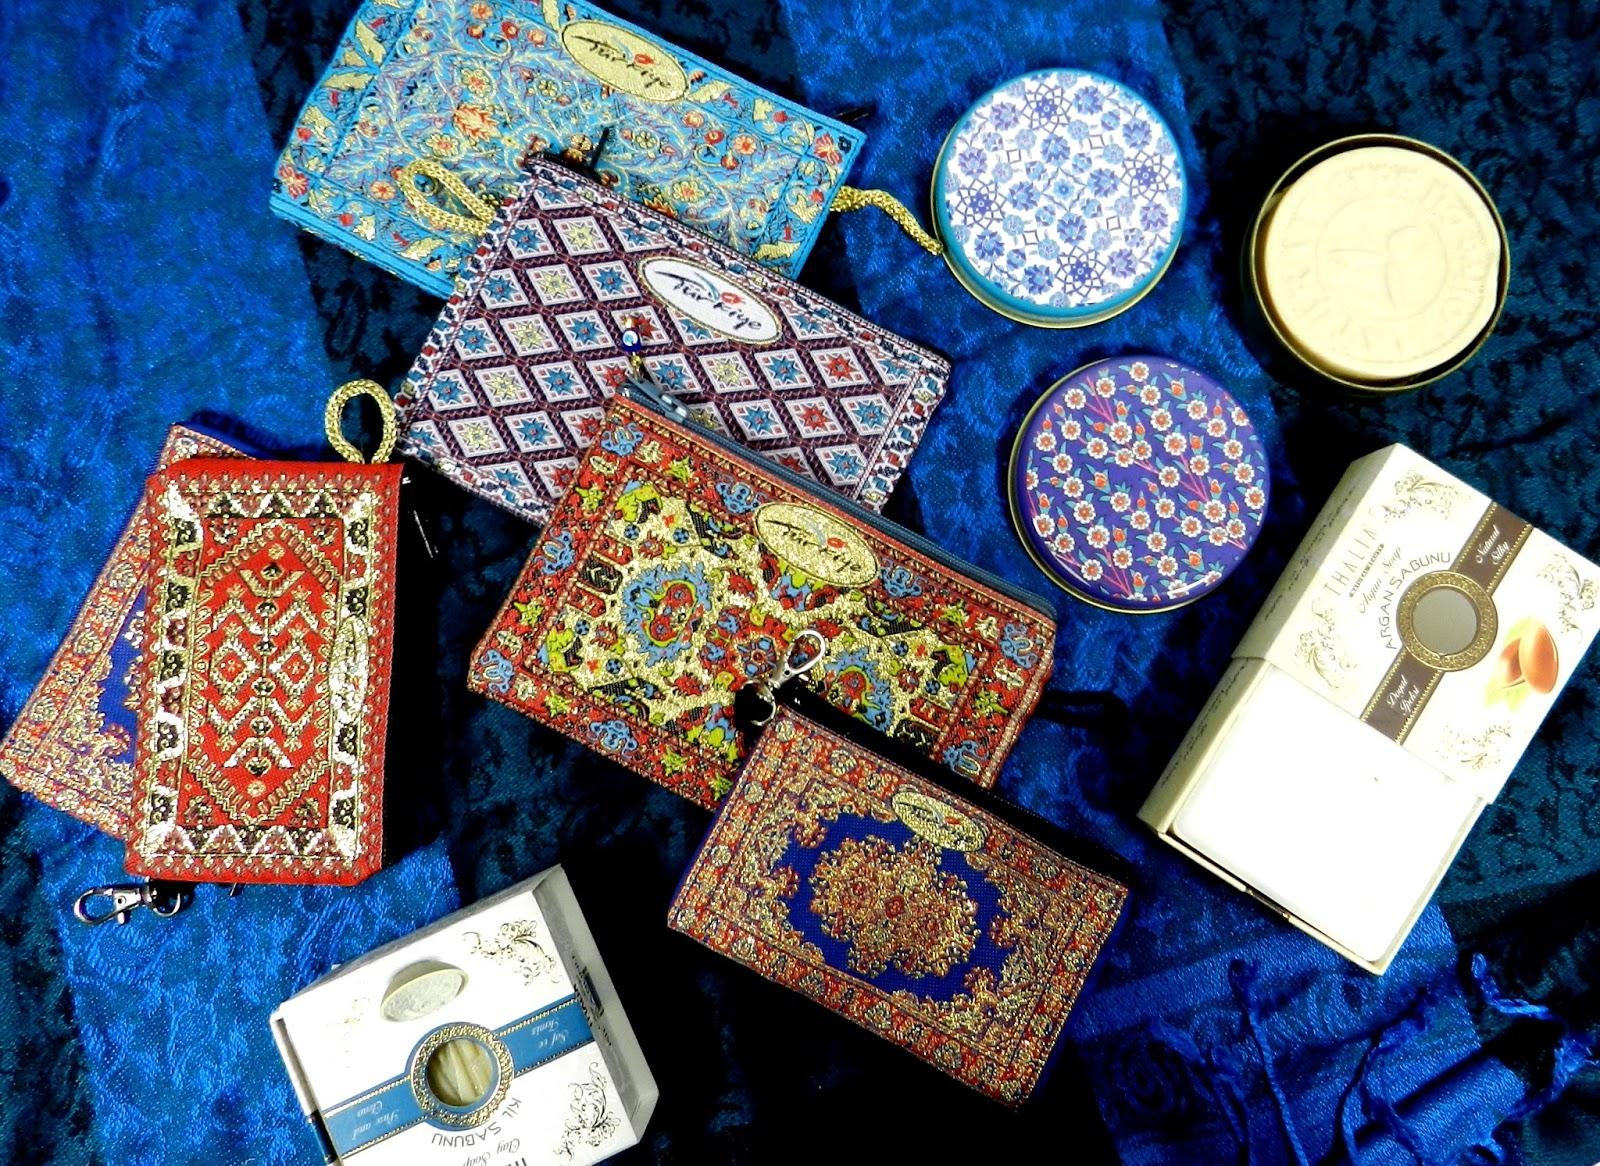 Kosmetyki Z Turcji Spinki I Szpilki Blog Lifestylowy